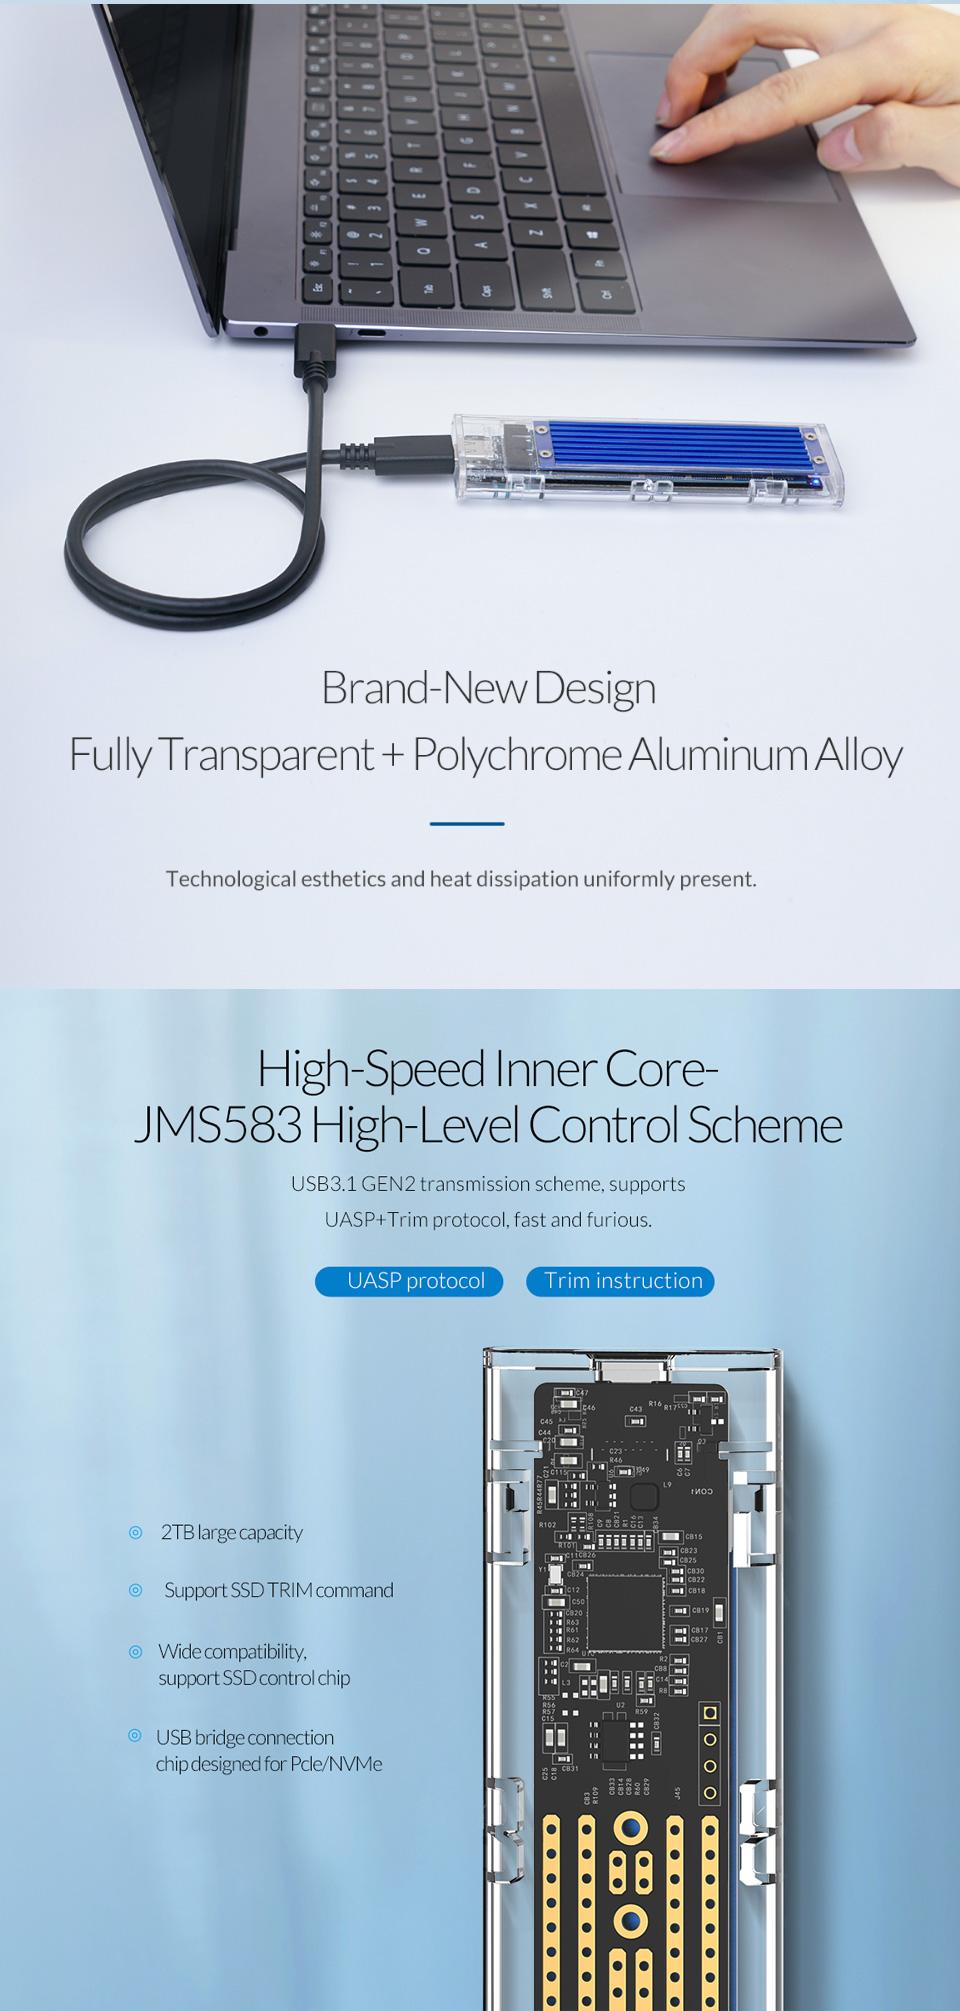 Orico USB 3.1 Type C Gen 2 M.2 Enclosure Transparent Red features 3